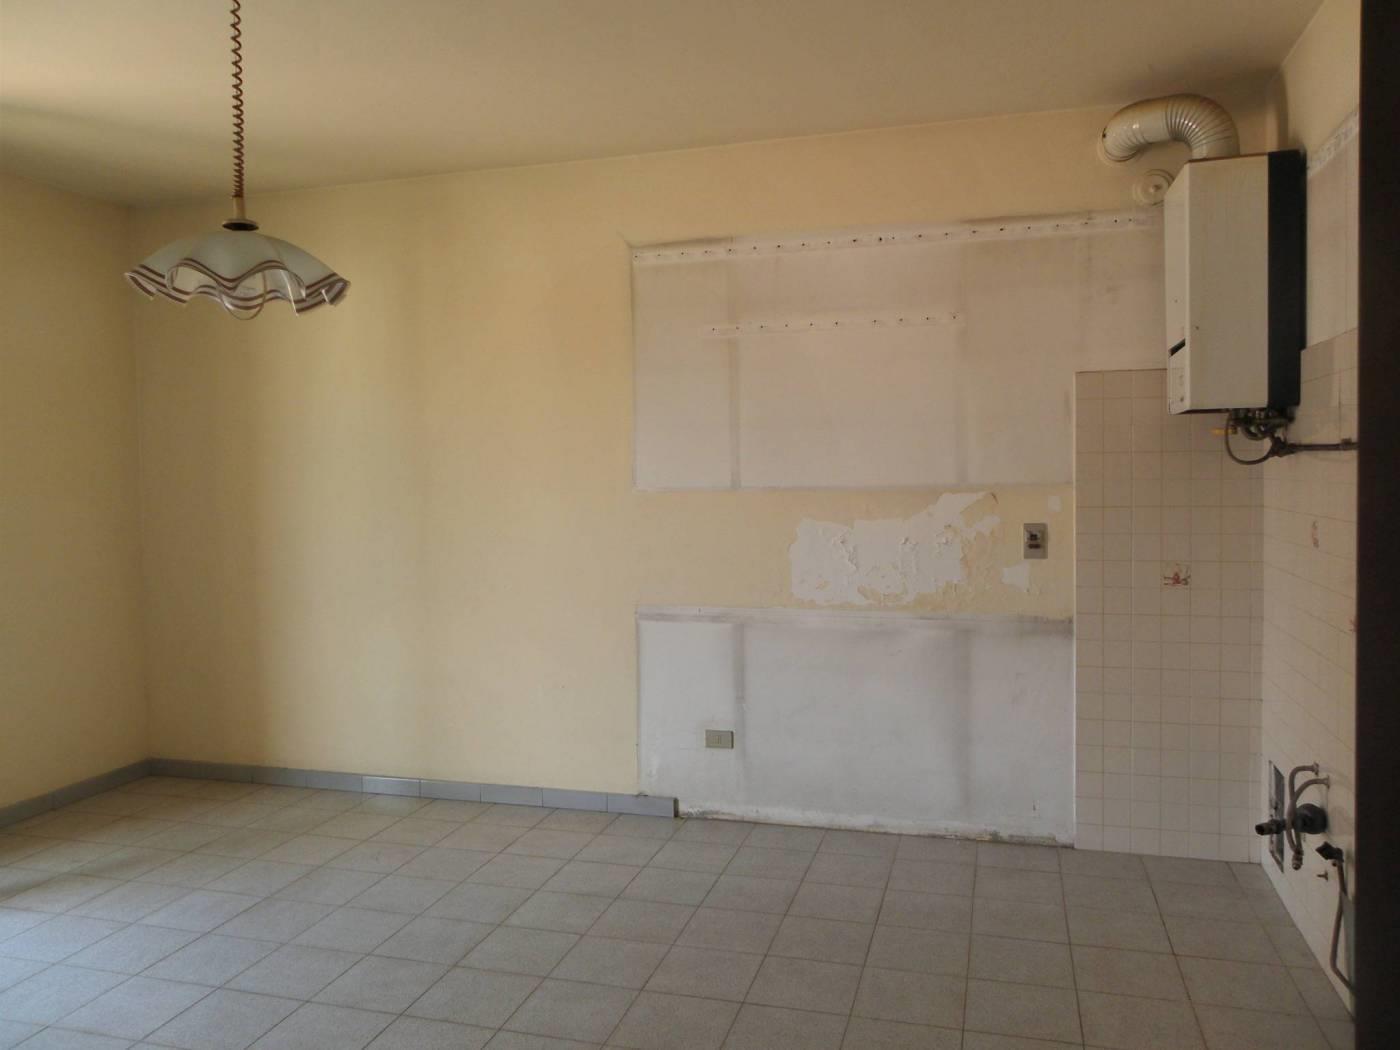 Foto 12 - Appartamento in Vendita - Mezzago (Monza e Brianza)